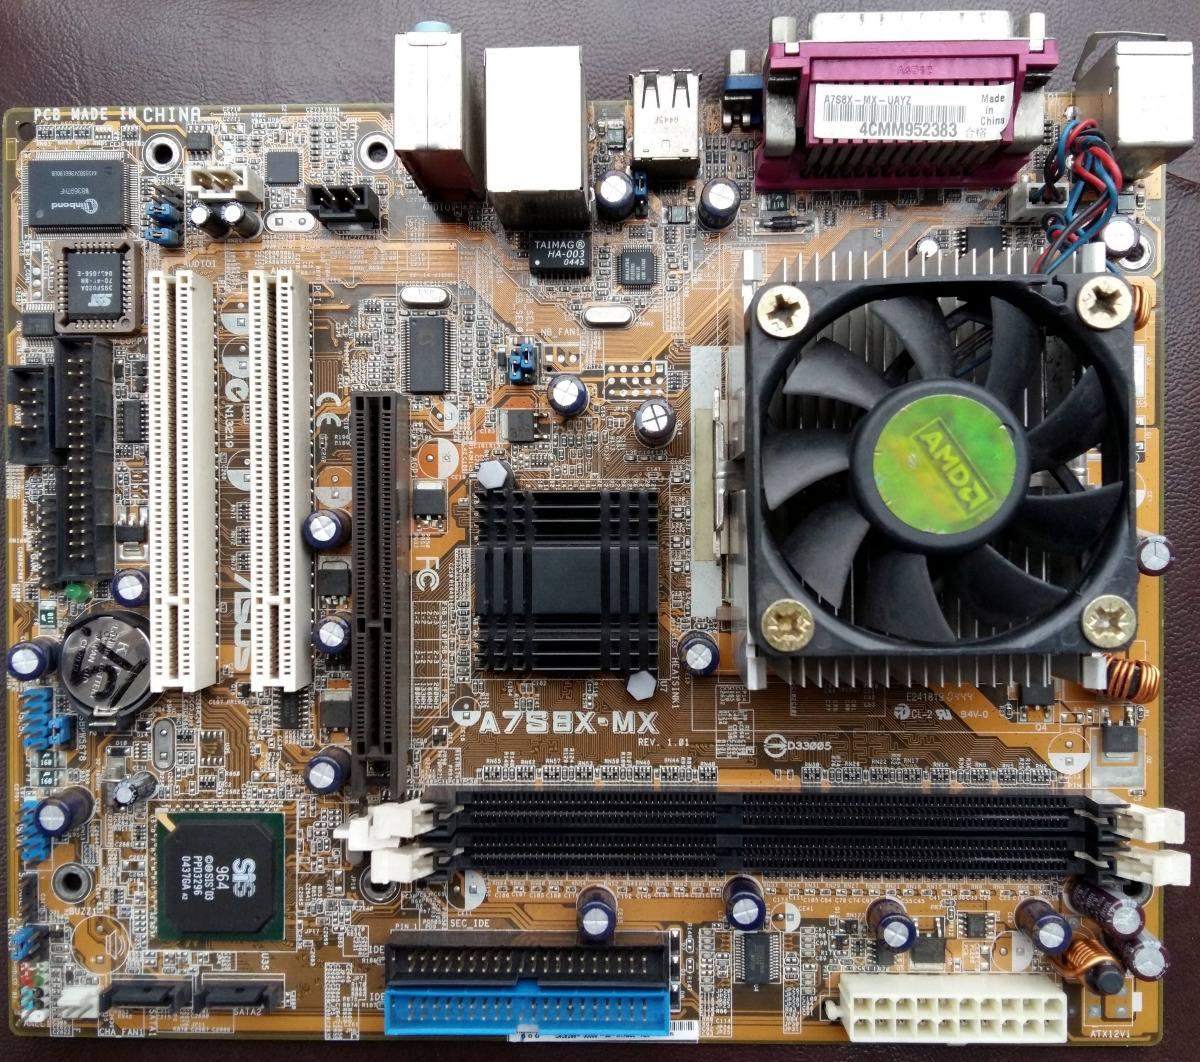 Asus A7S8X-MX